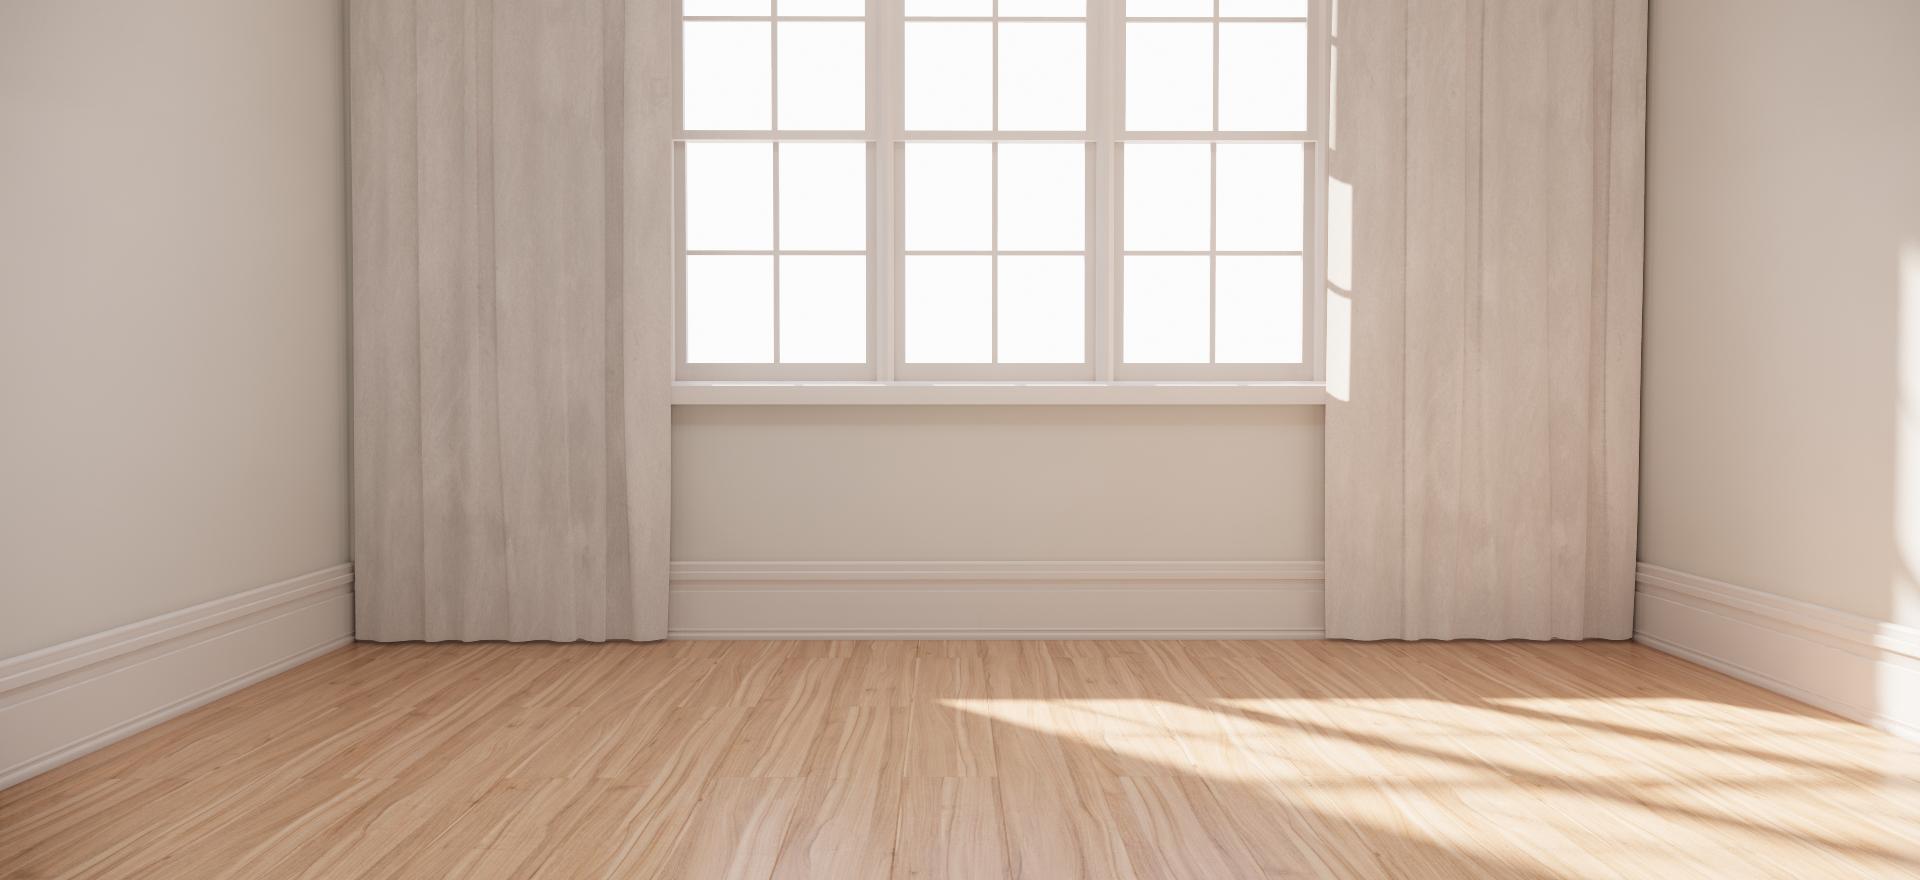 Wood Flooring 09.png